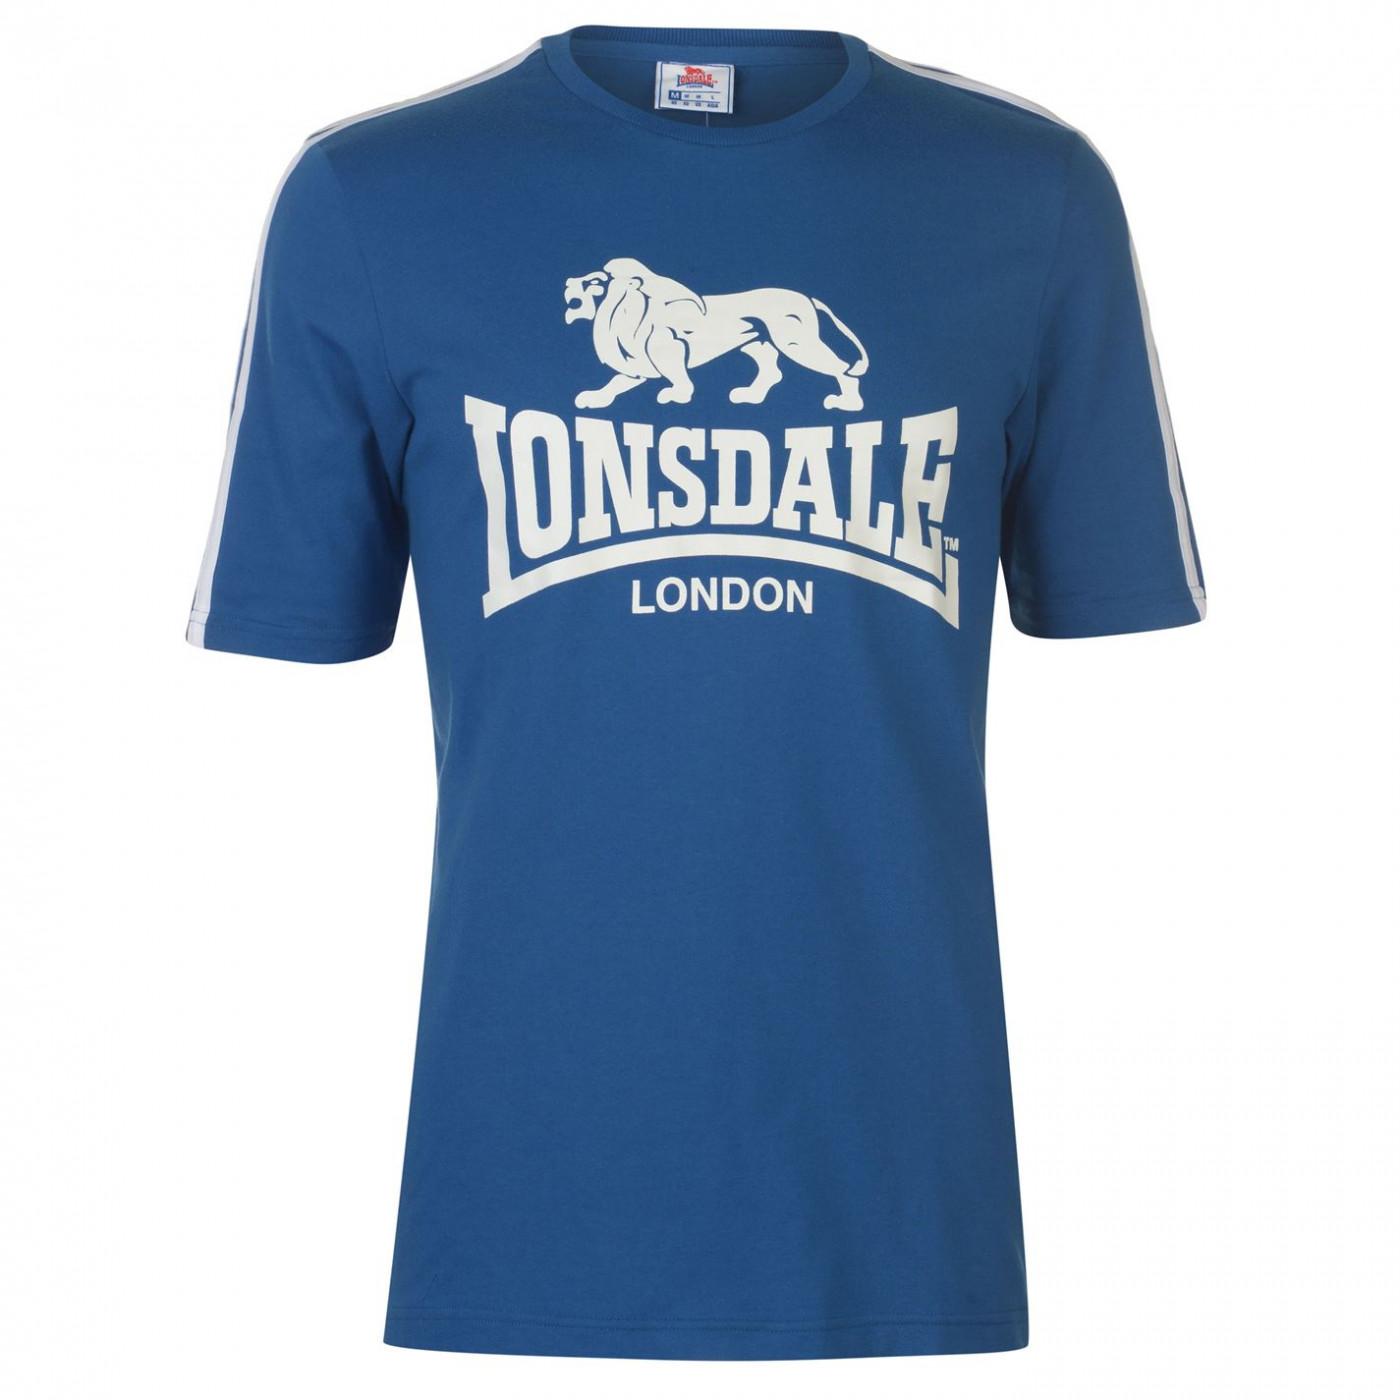 Men's T-shirt Lonsdale 59515292